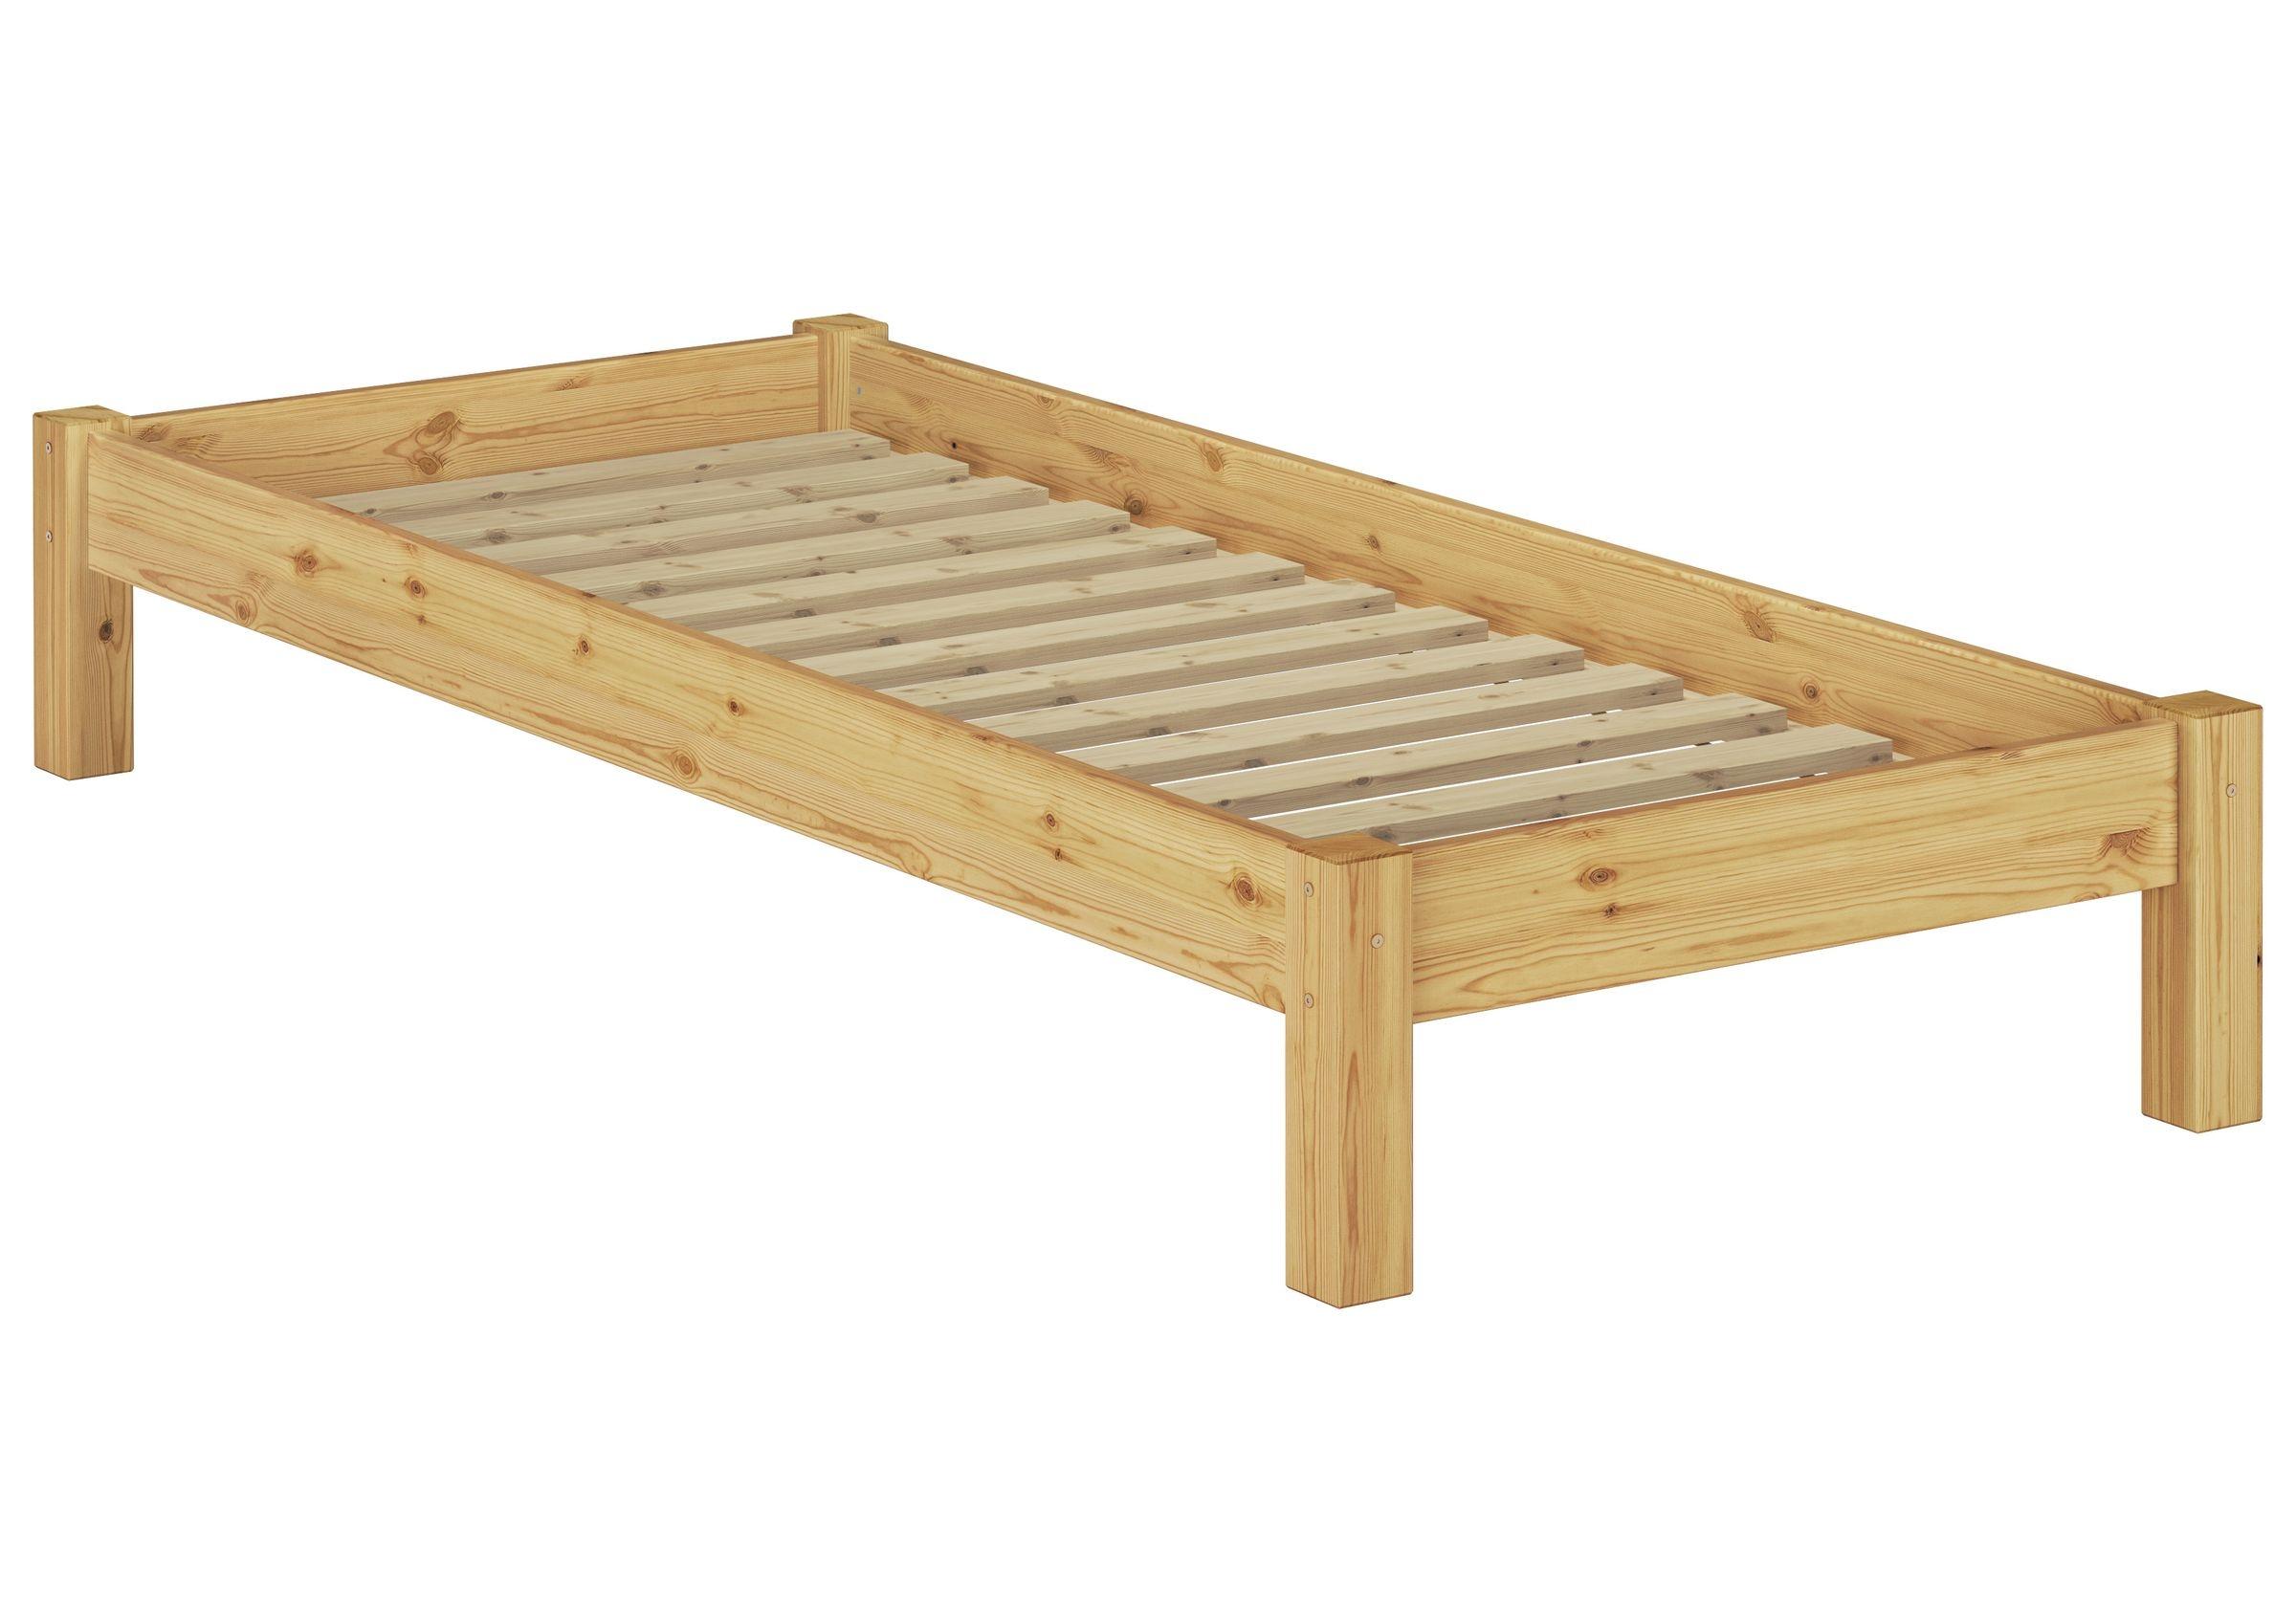 Letto classico 90x200 in Pino massello Eco laccato con assi di legno 60.37-09